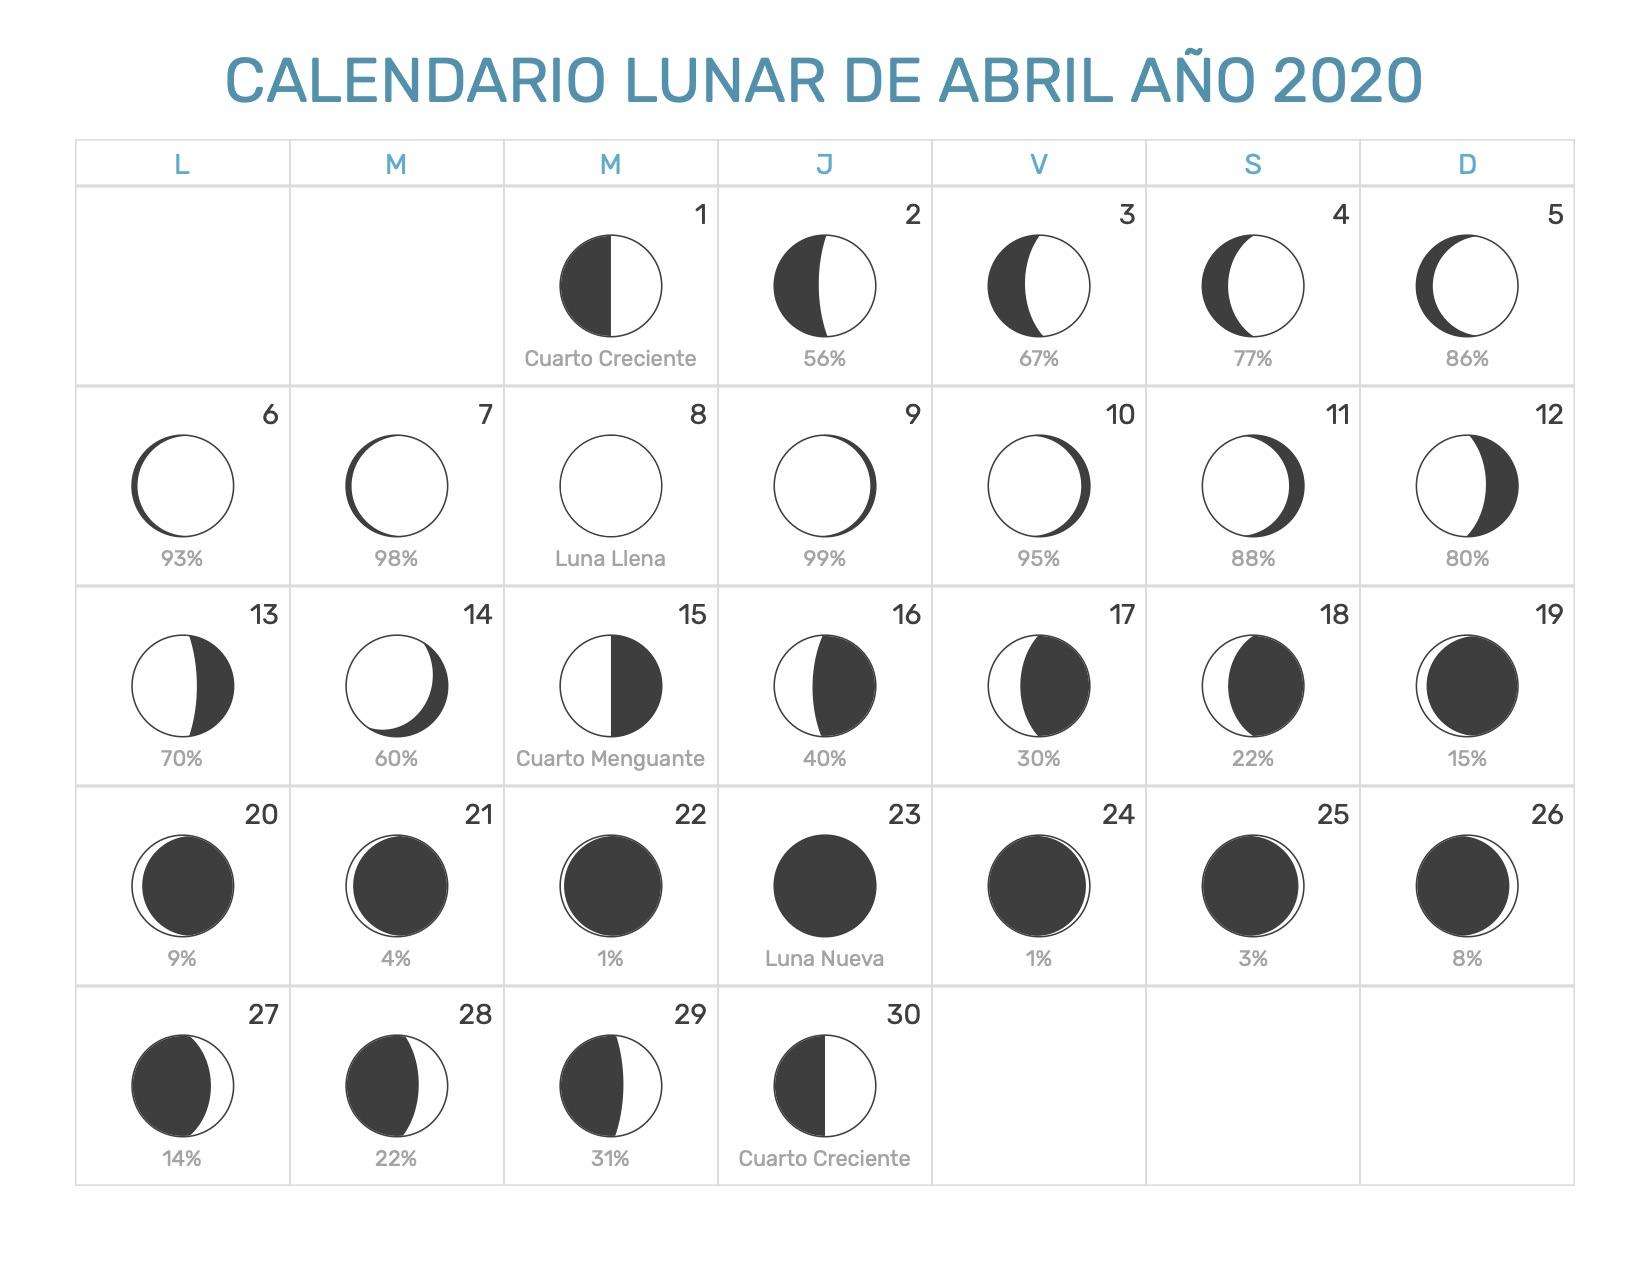 Calendario lunar febrero 2020 uruguay